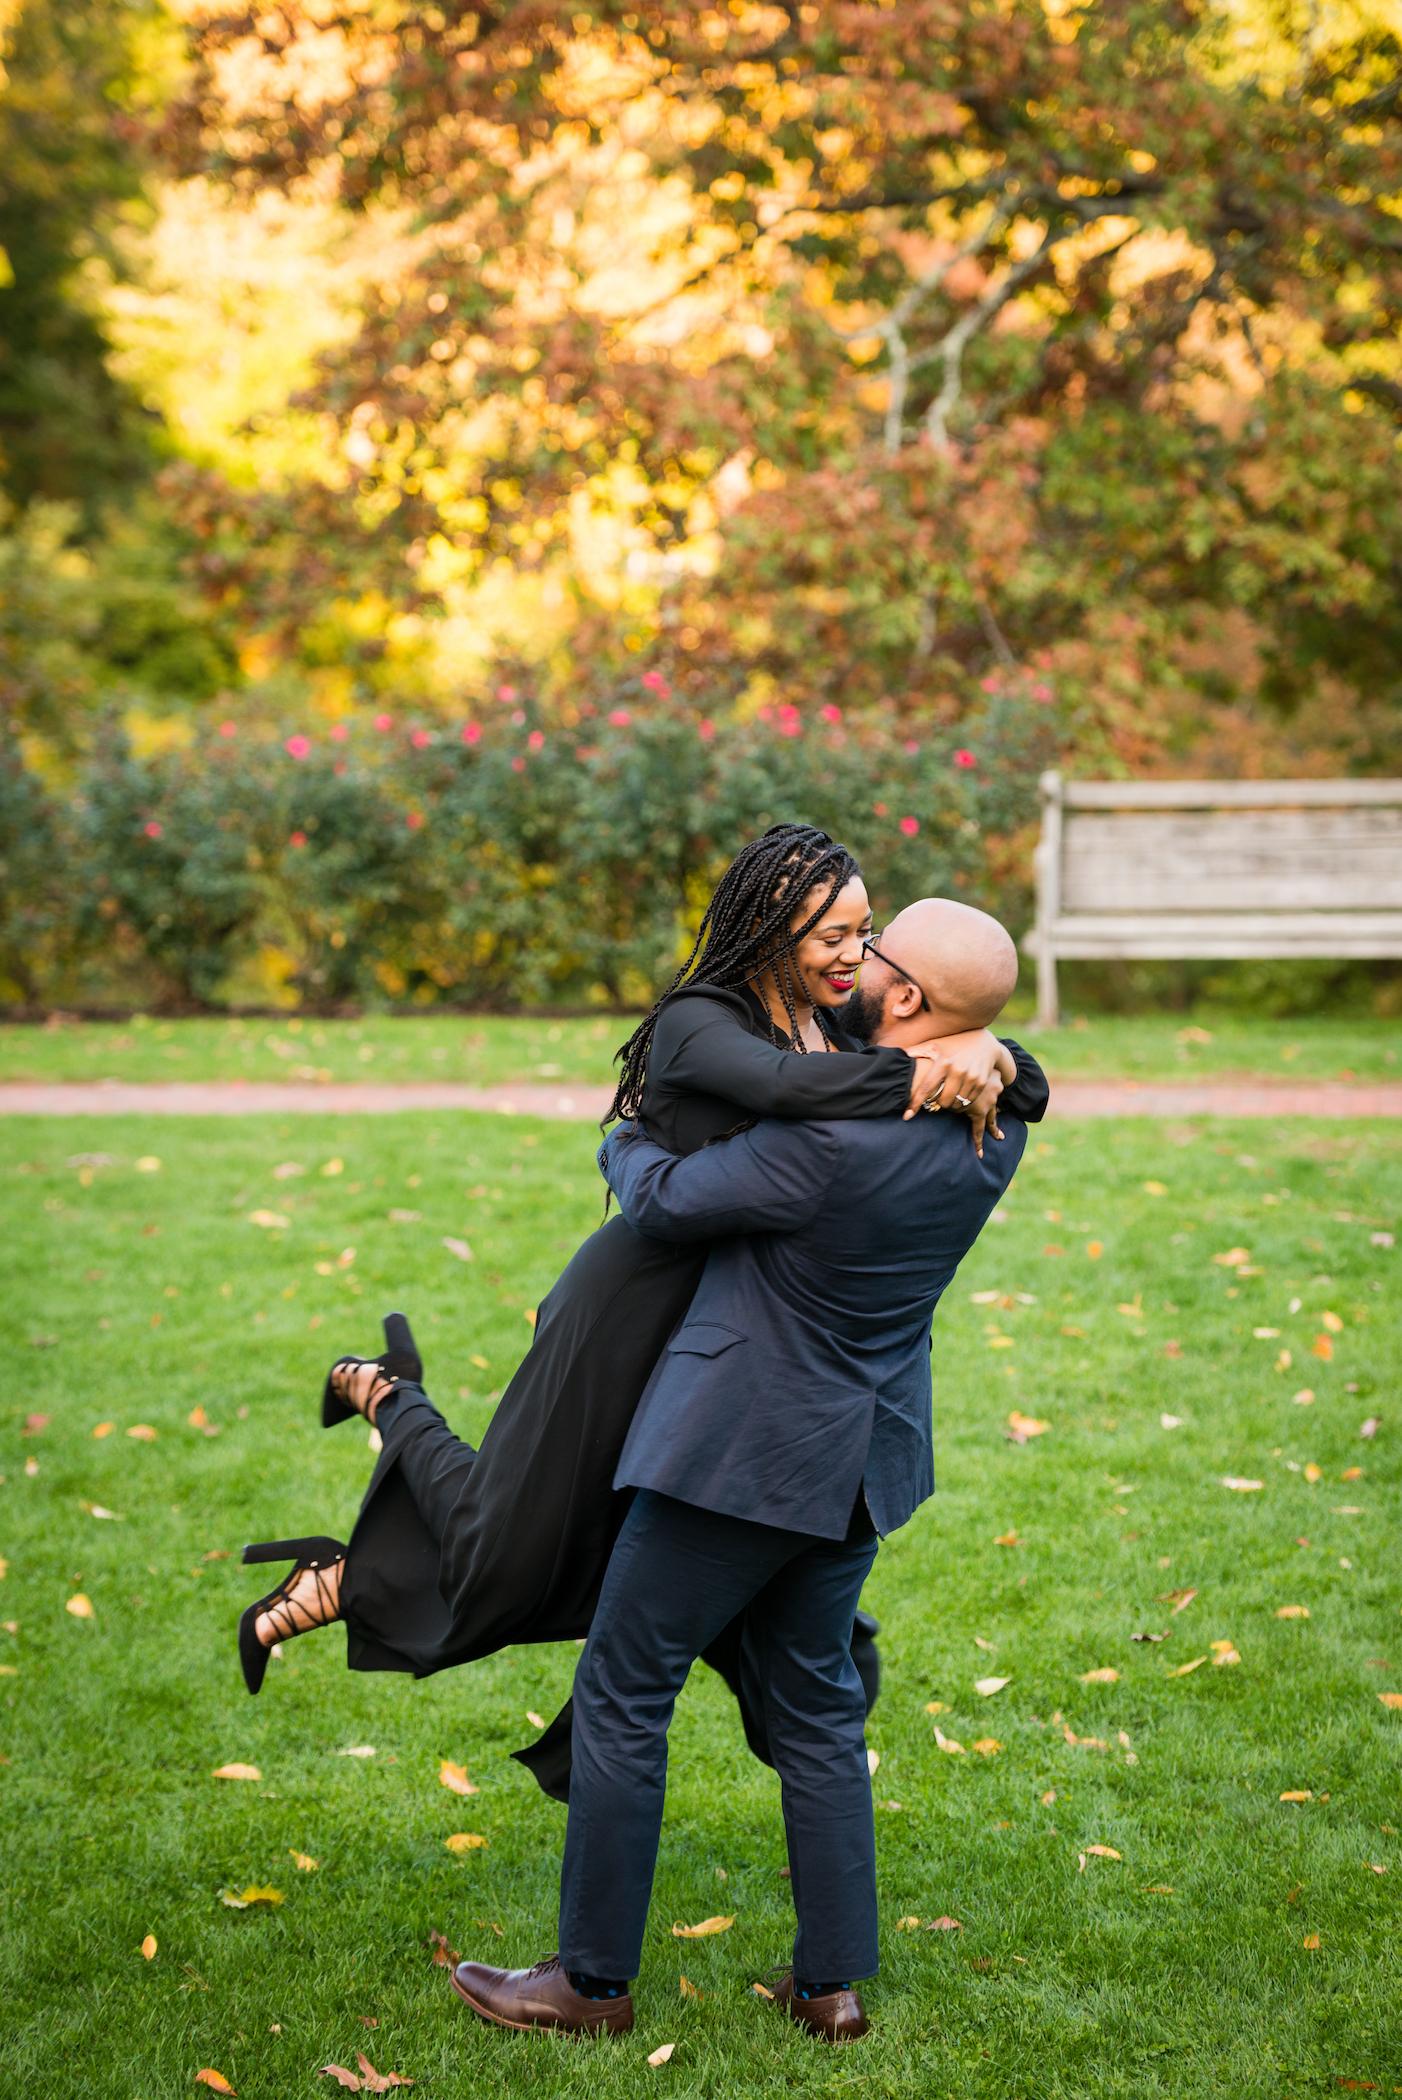 Omar-Sarah-Engagement-62.jpg